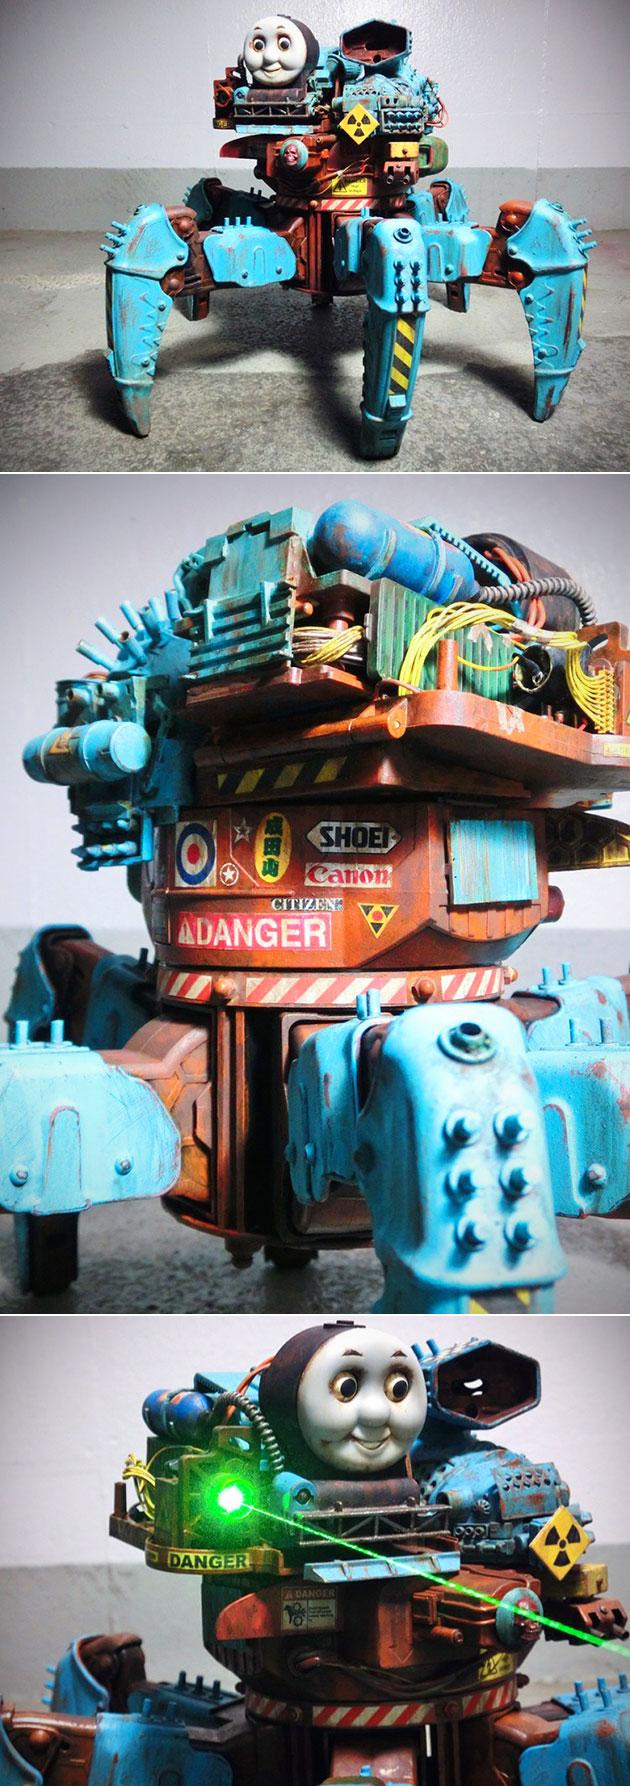 Thomas the Train Robot